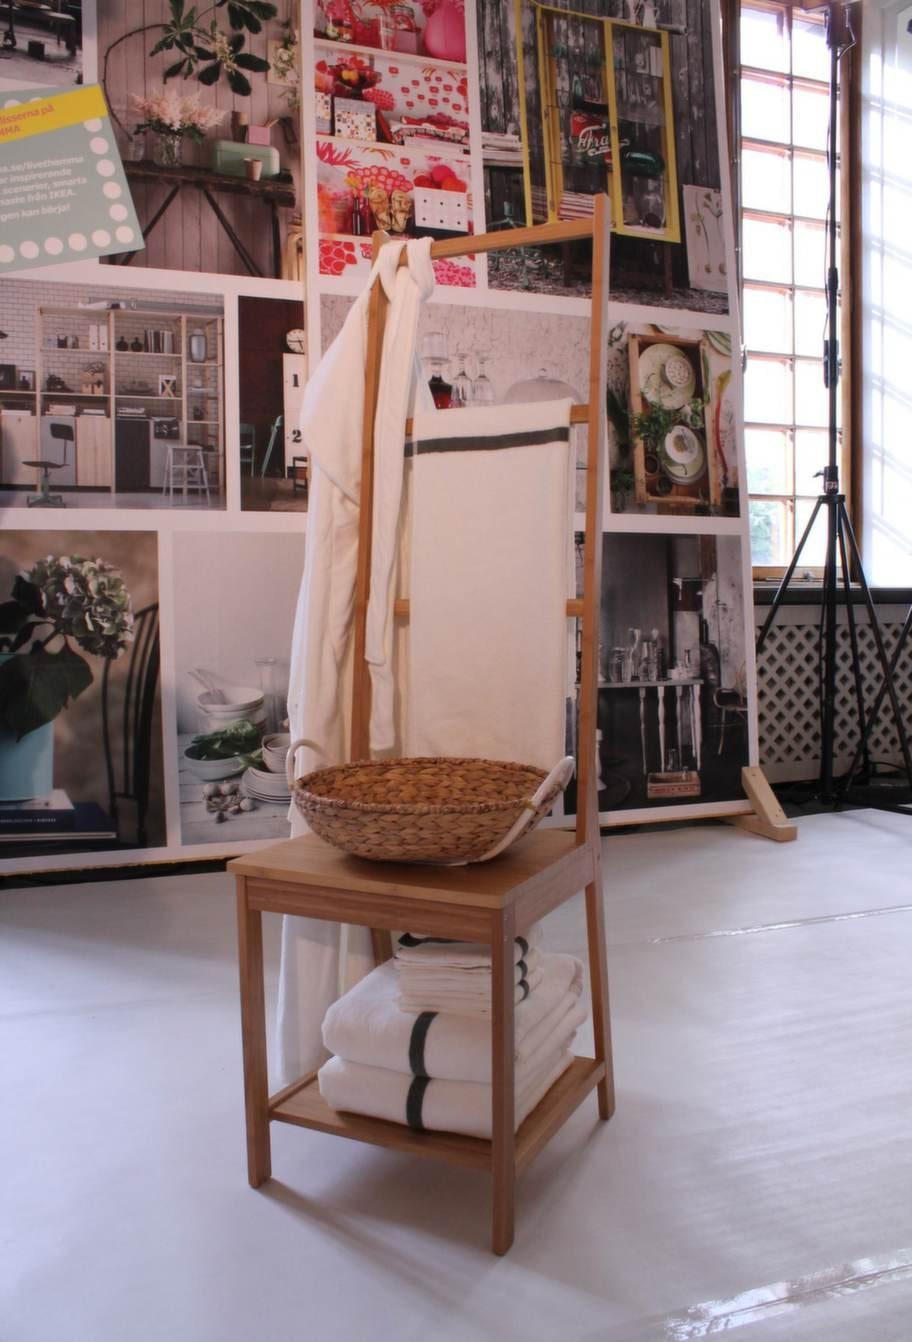 Susannes favorit!Vackraste nyheten är stolen Rågrund som också är en handdukshängare. Av bambu. 399 kronor.